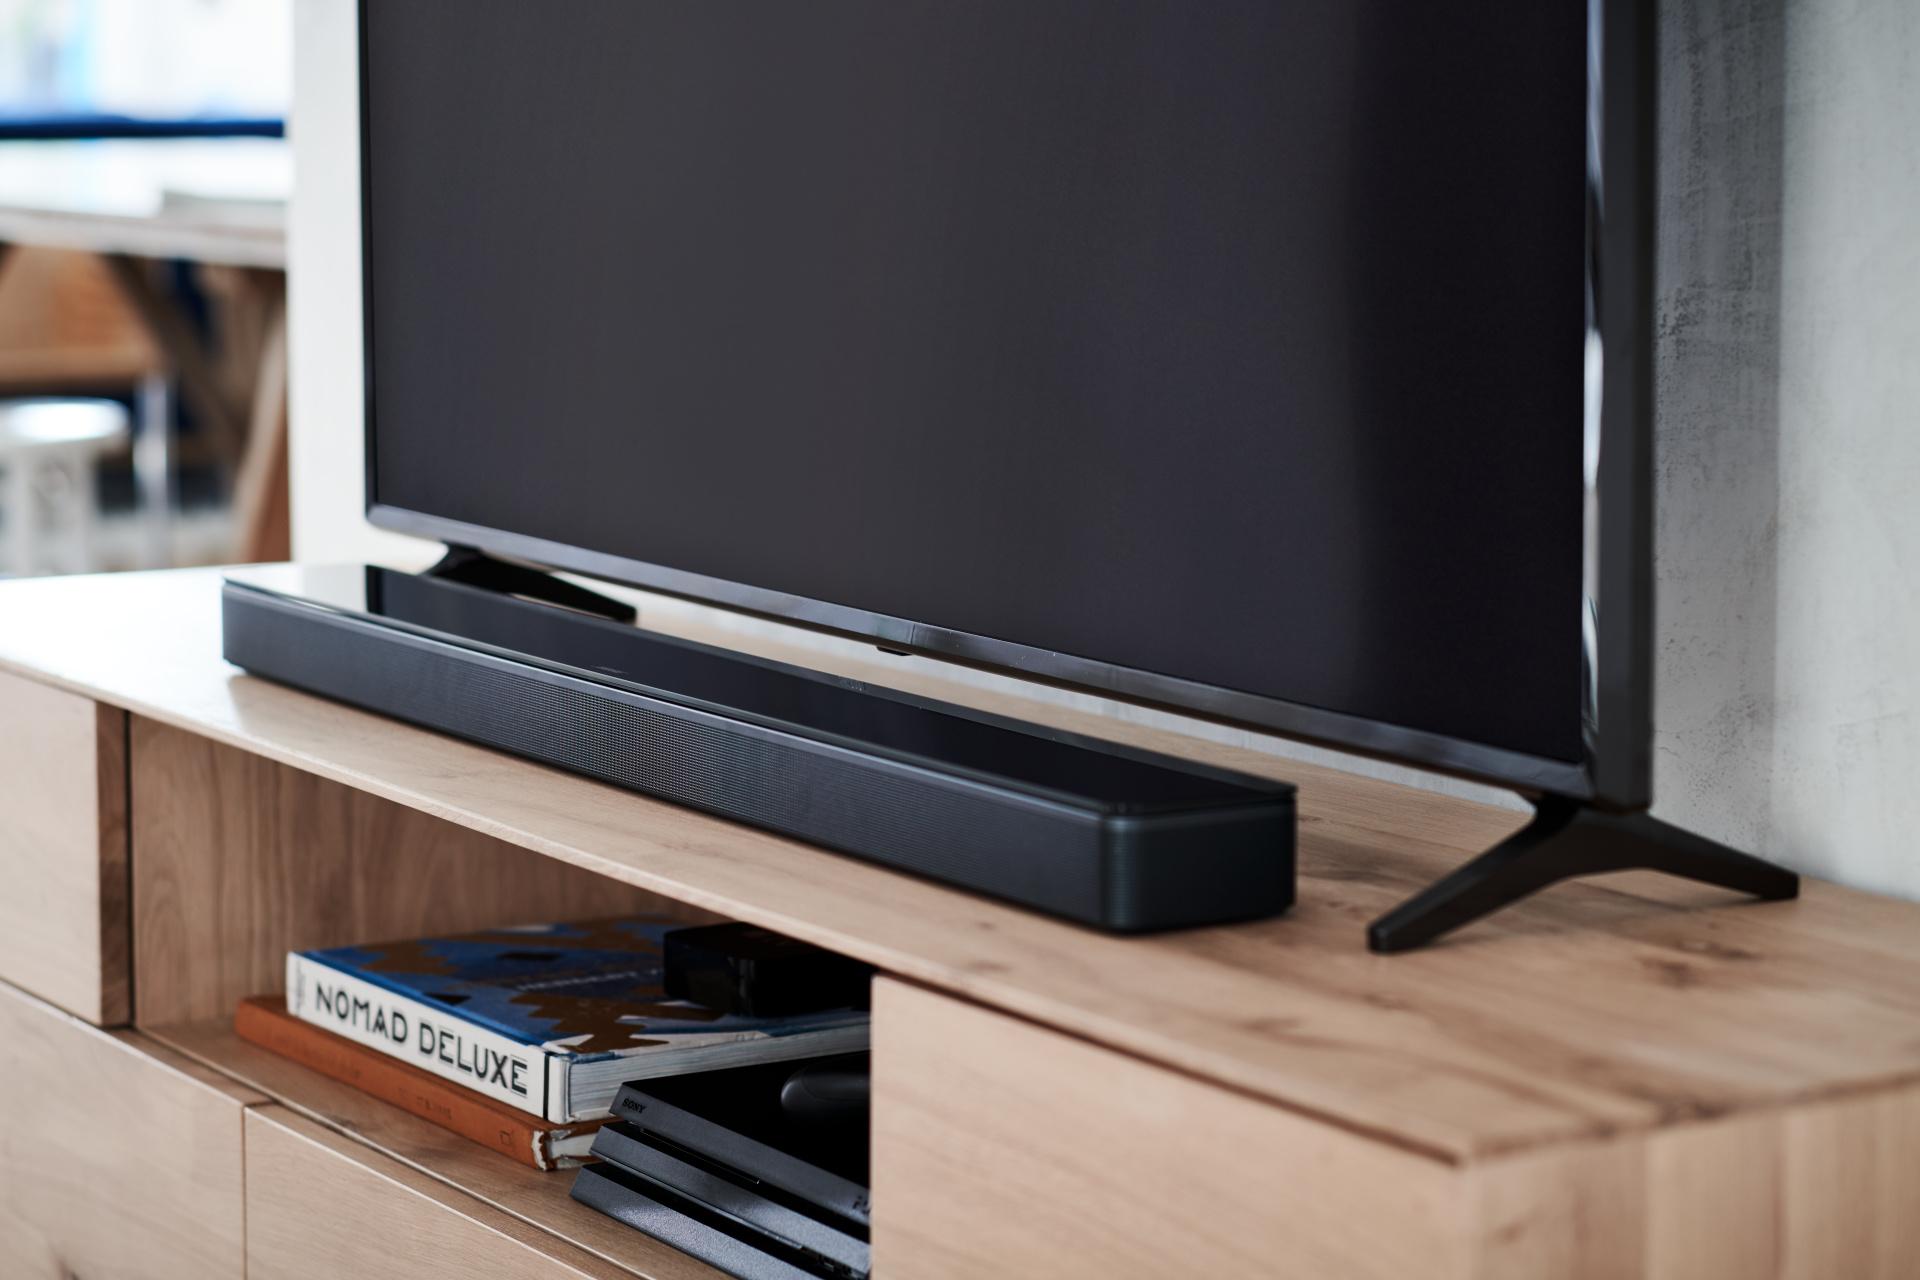 Bose саундбар система и smart телевизор, поставени на масичка за телевизор